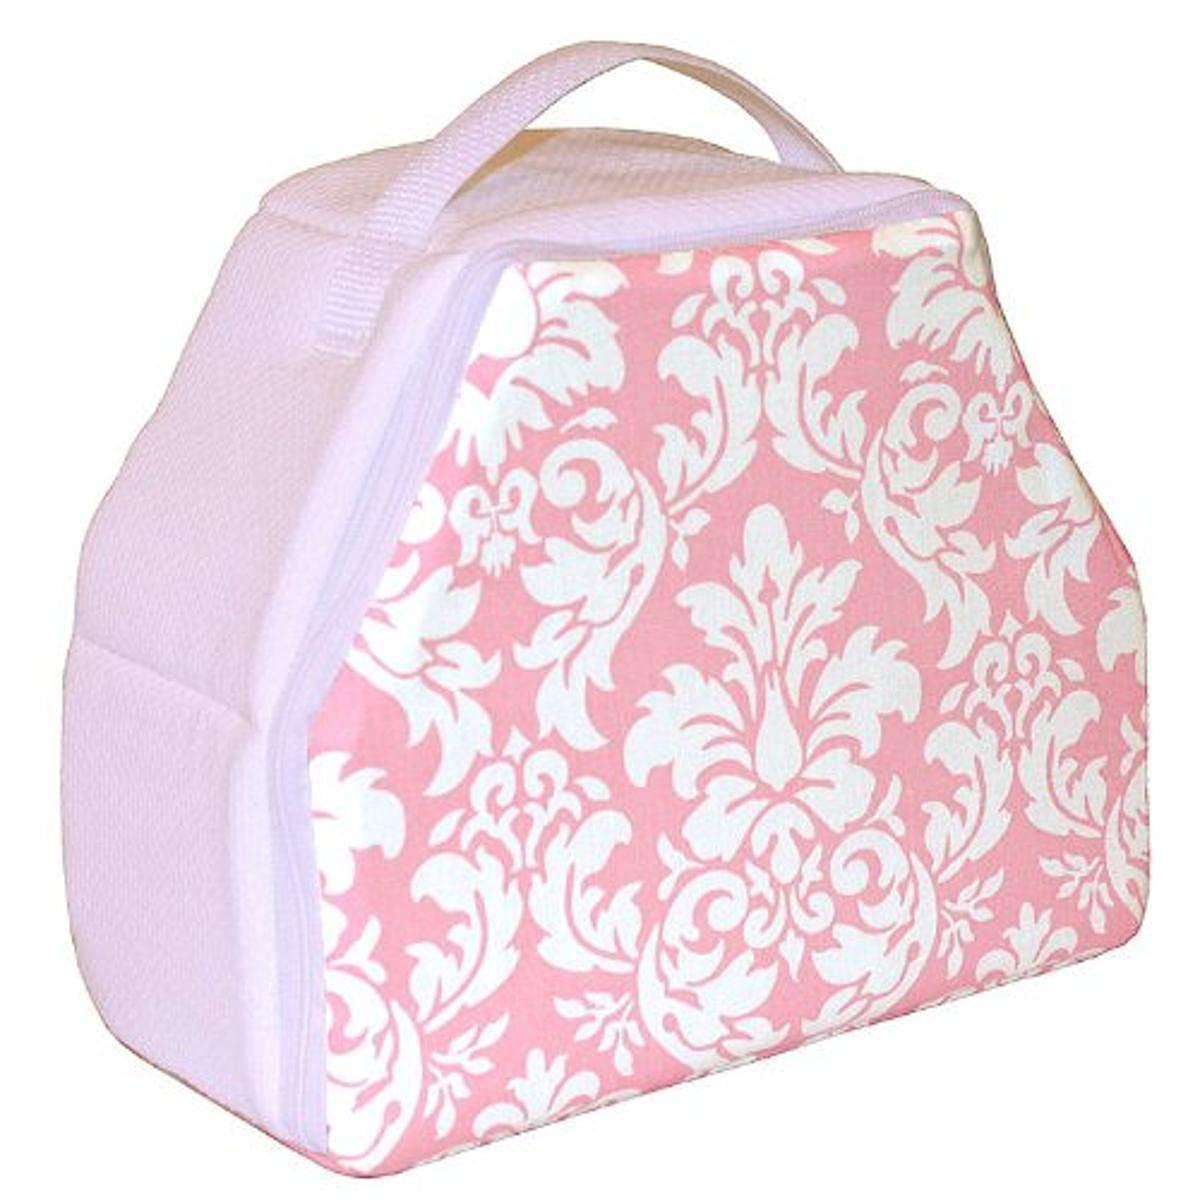 Hoohobbers Munchbox, Versailles Pink